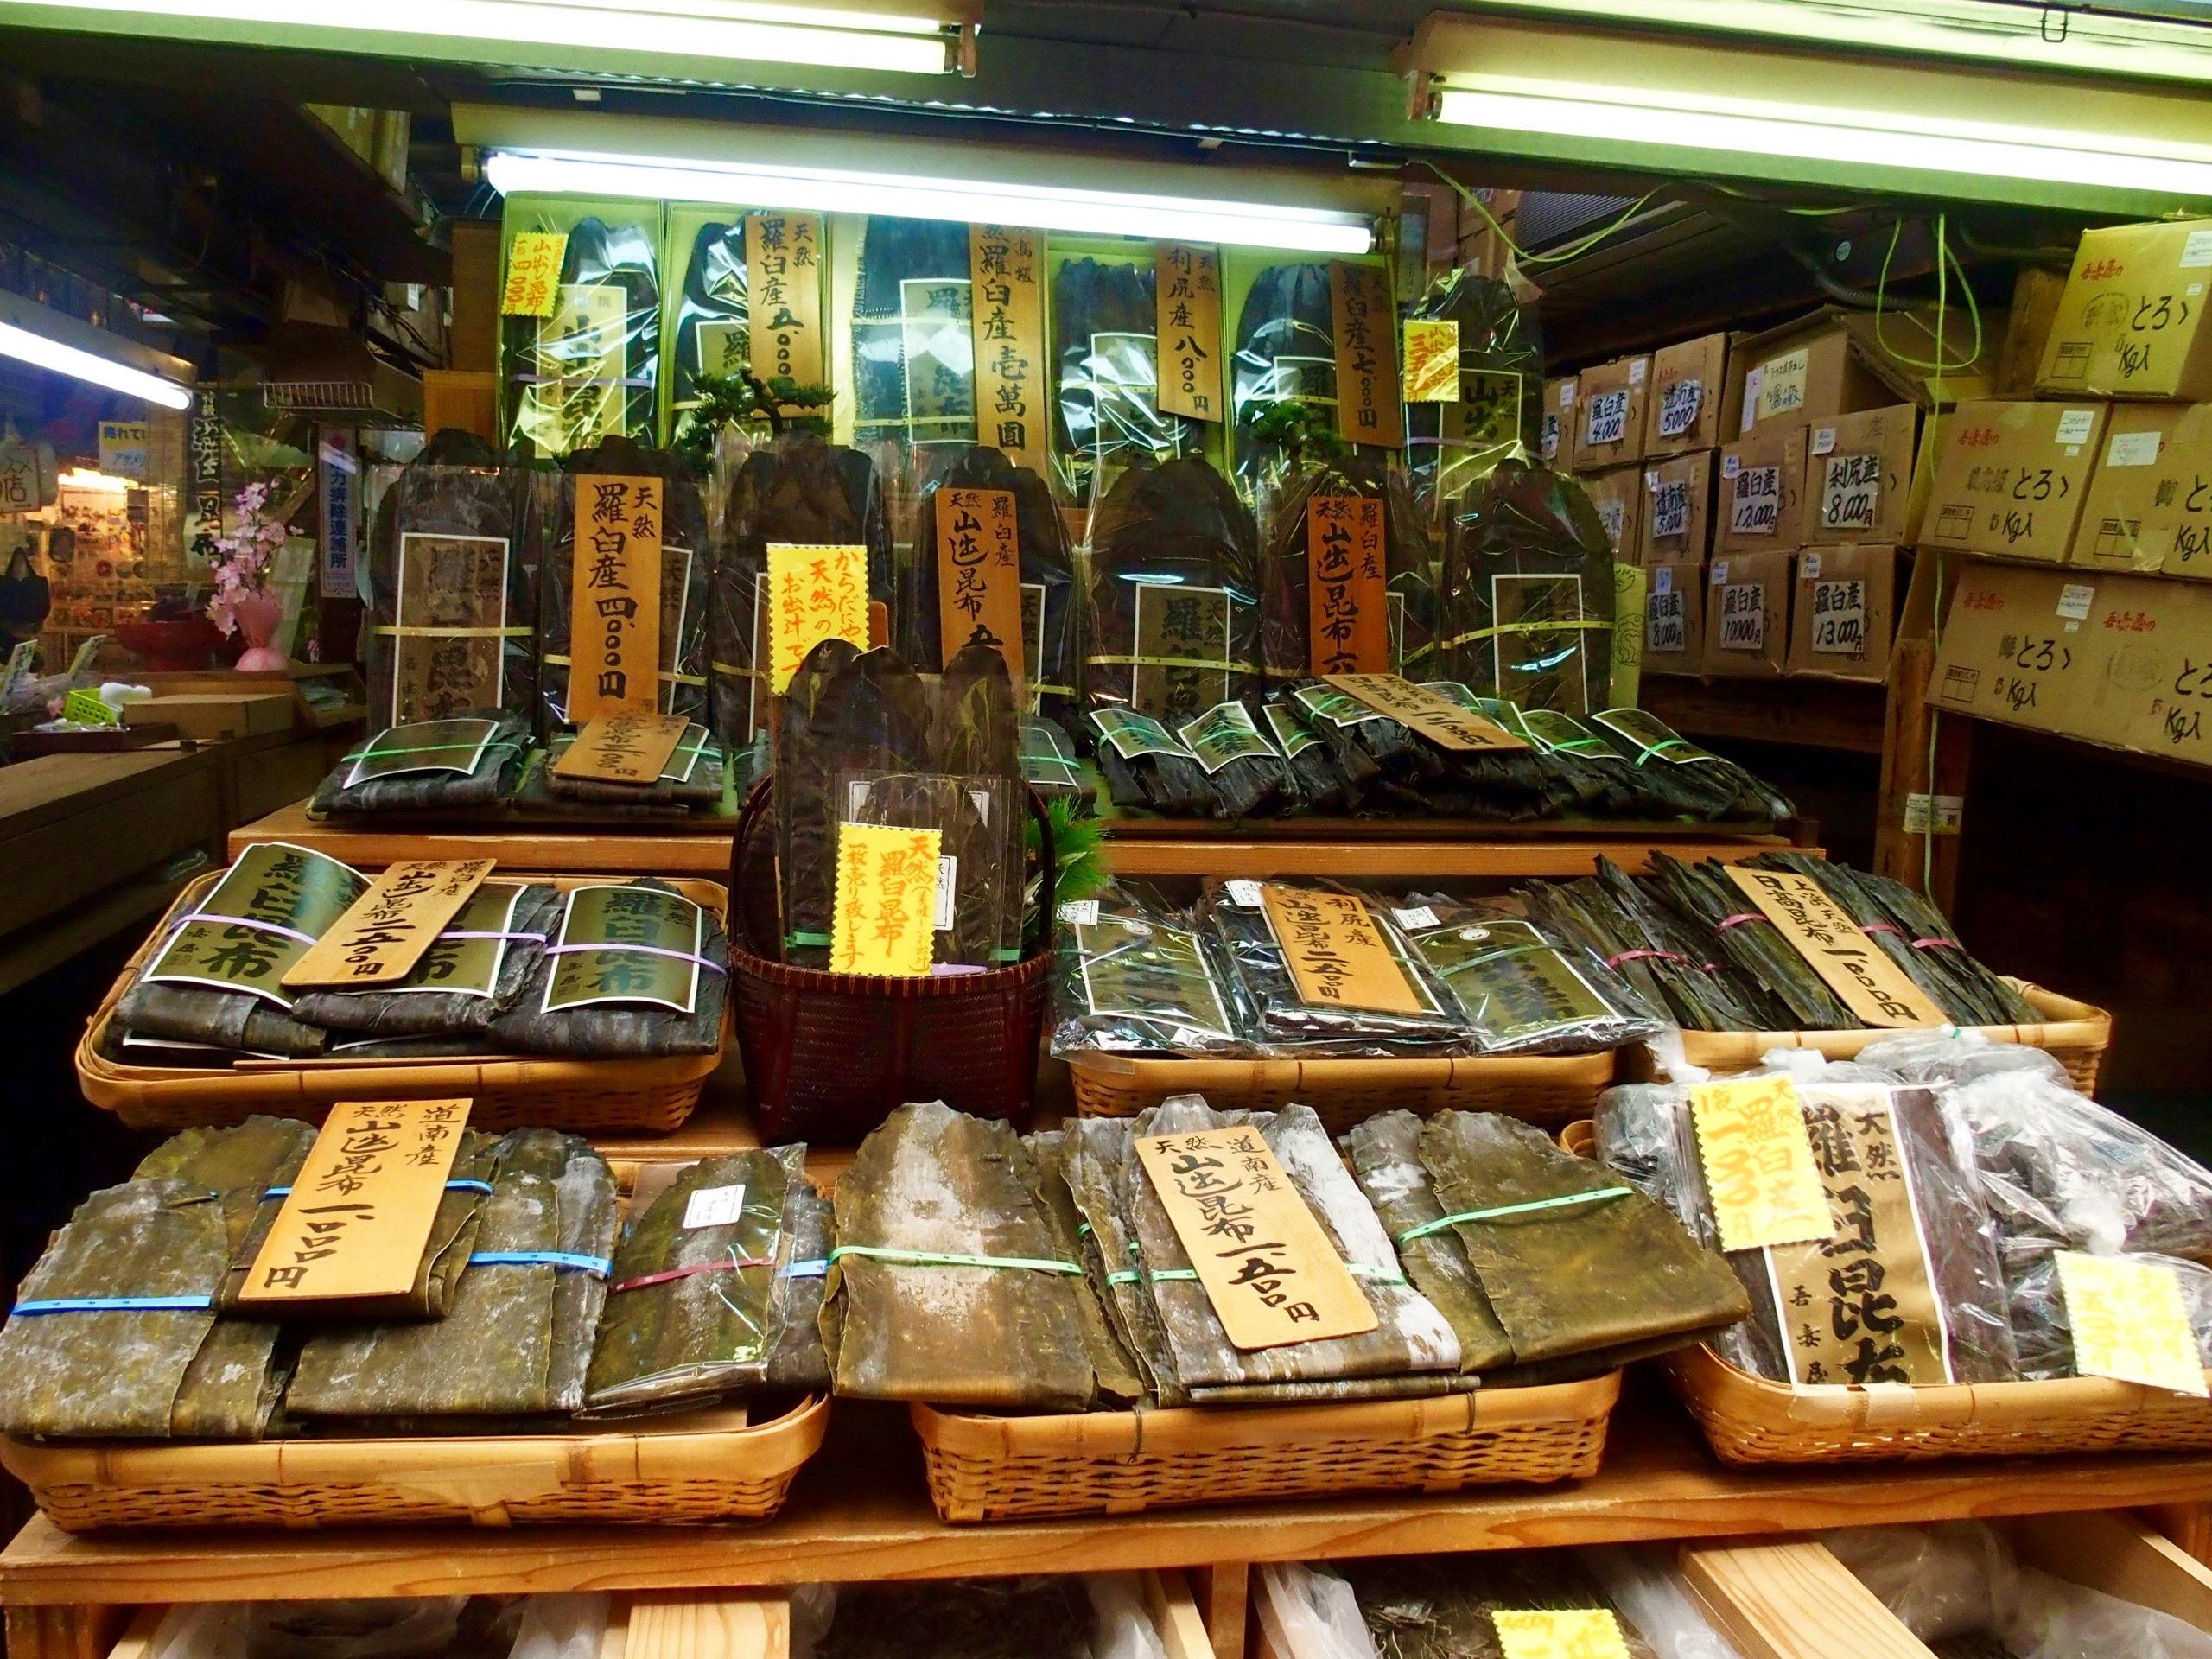 Vente d'algues marché Osaka Japon.